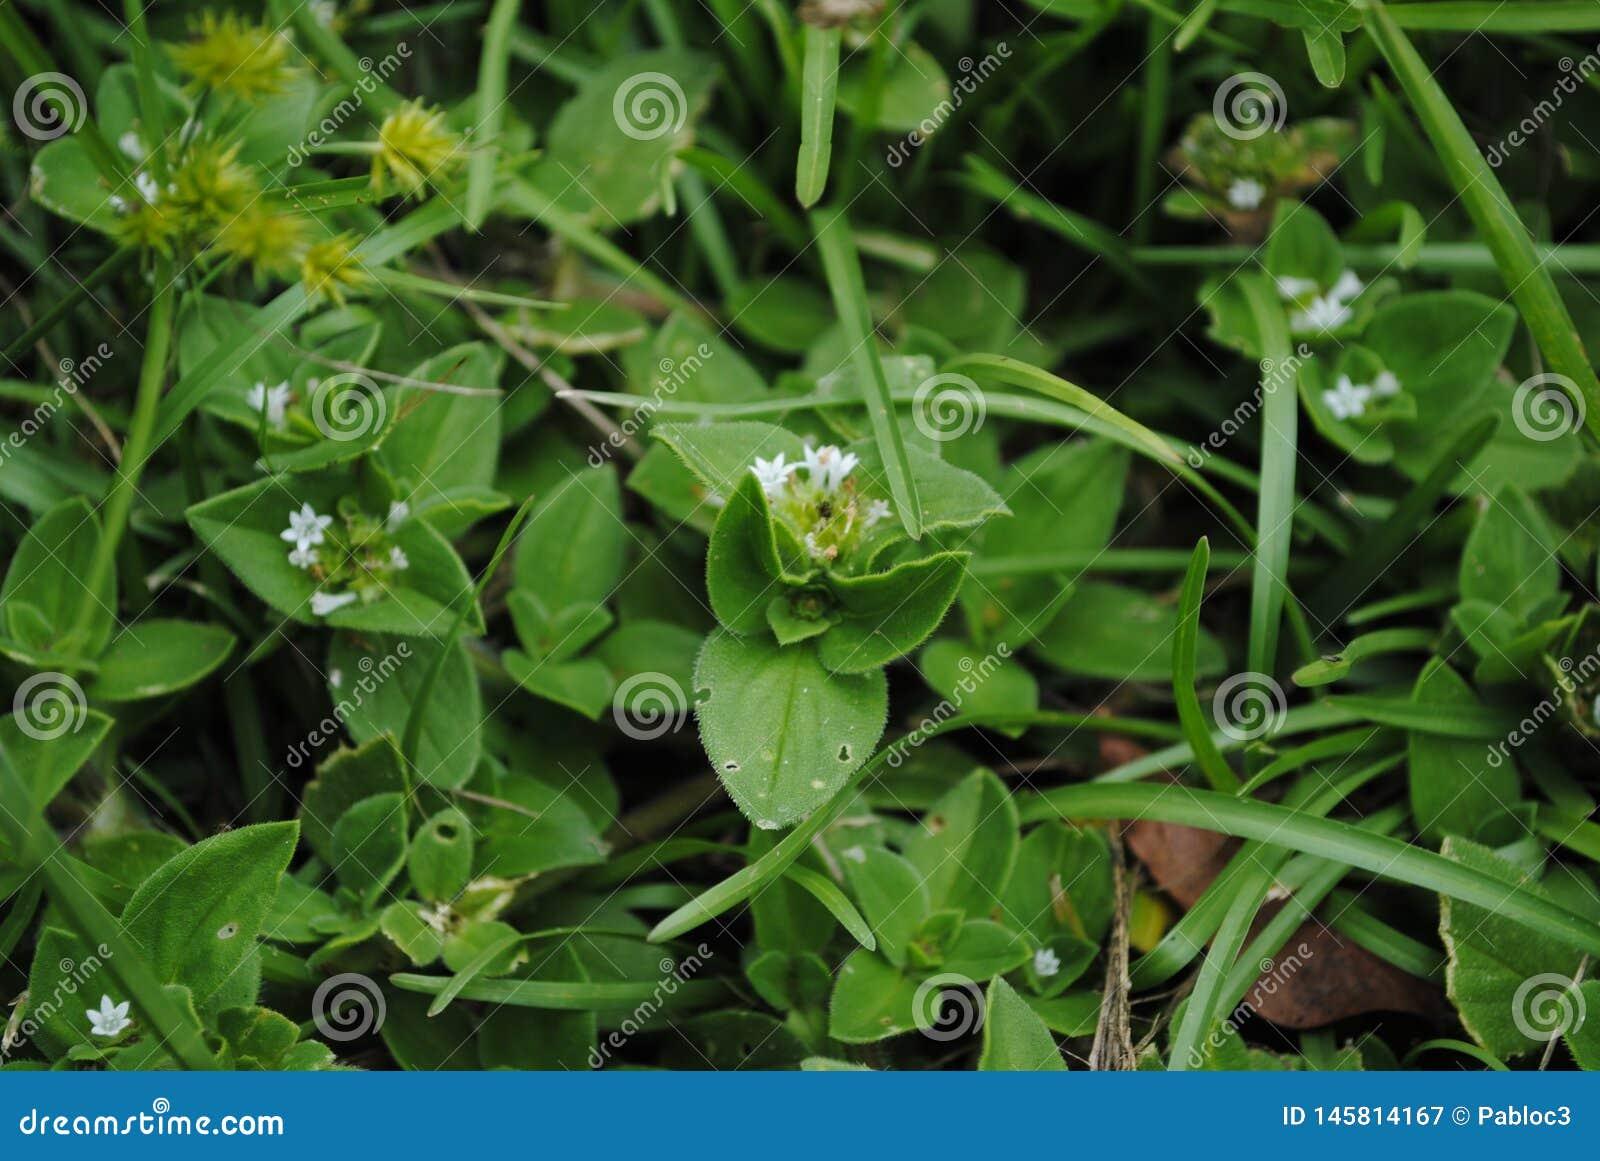 Wild Gras met Witte Bloemen